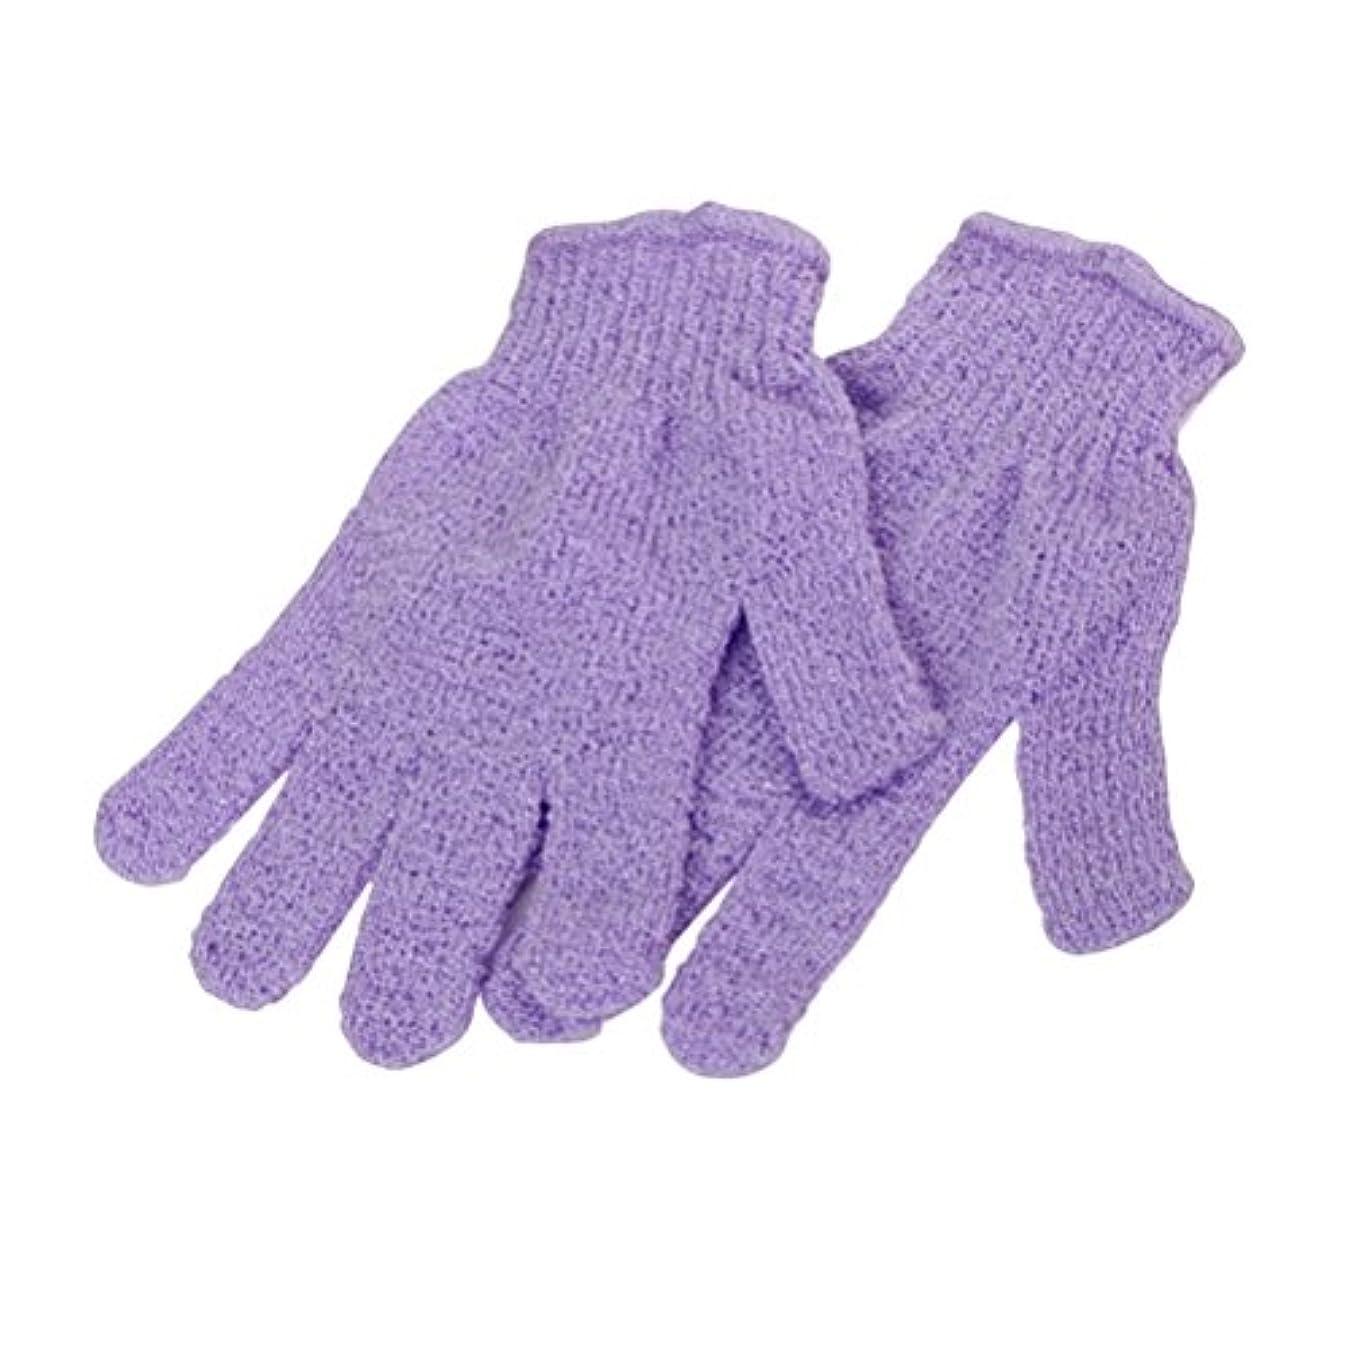 第四傾いた階下SUPVOX 2対のシャワー用手袋浴体剥離手袋(ランダムカラー)